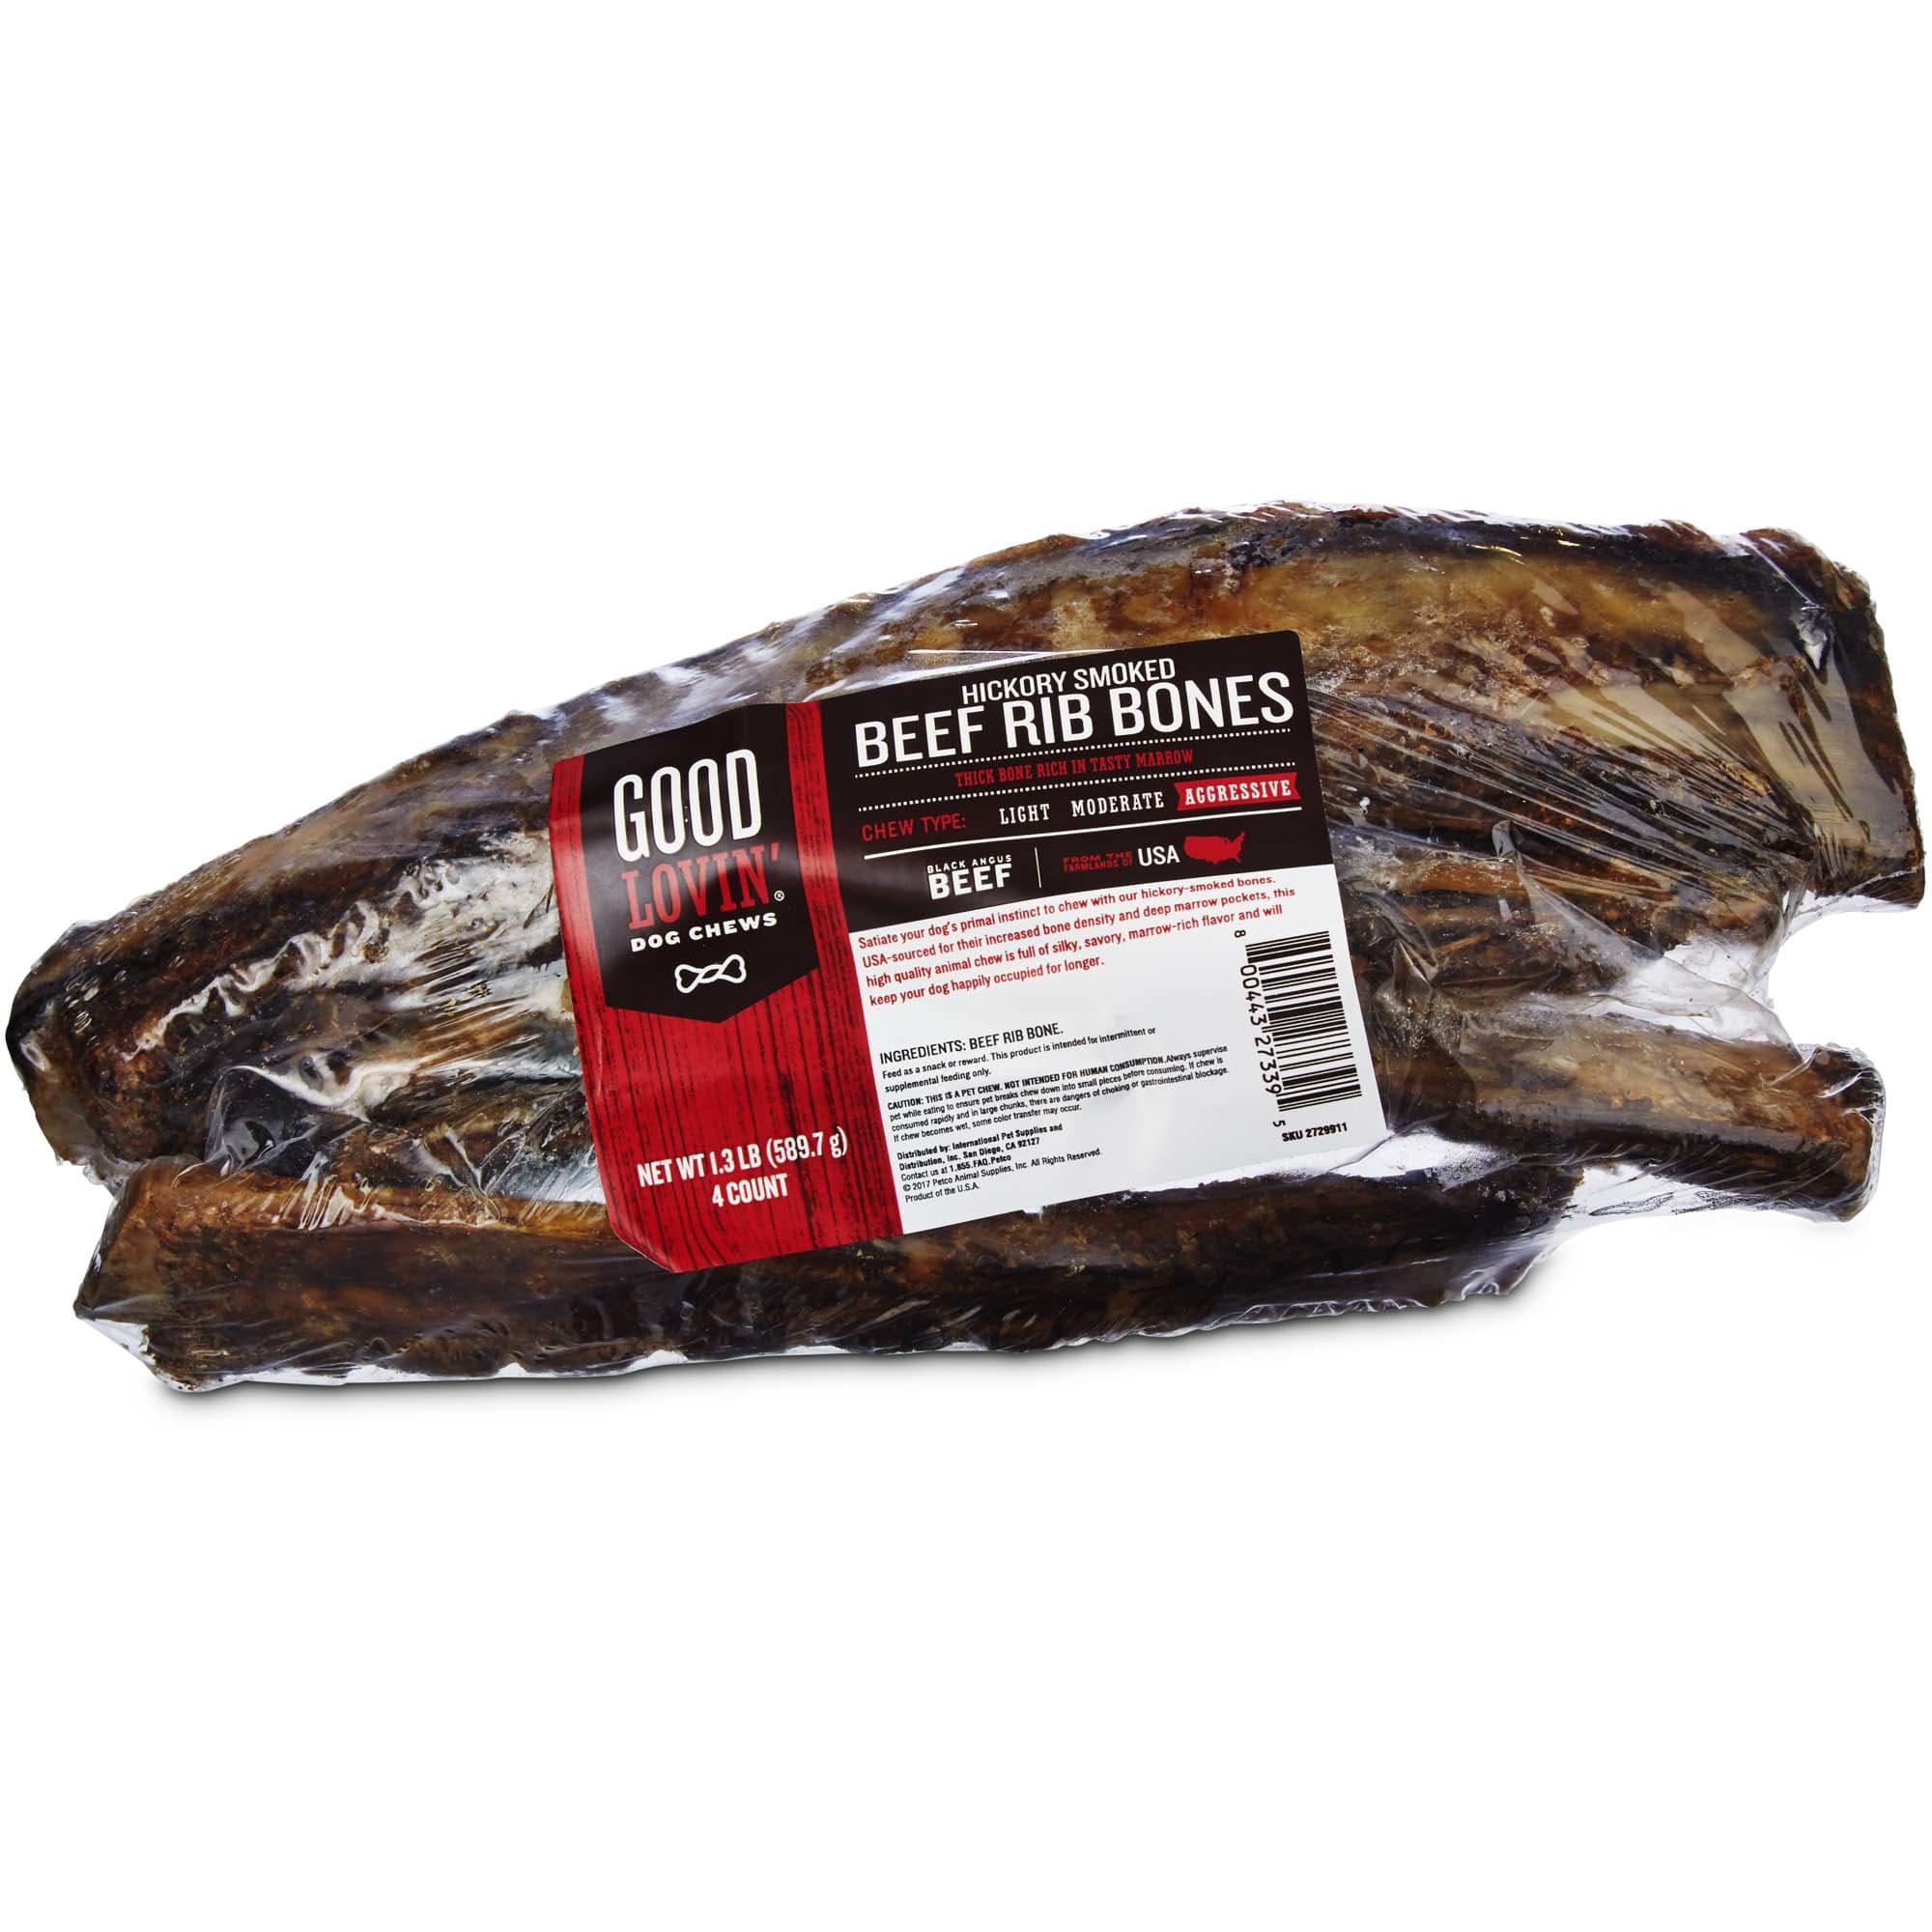 Hickory Smoked Beef Rib Bone Dog Chews